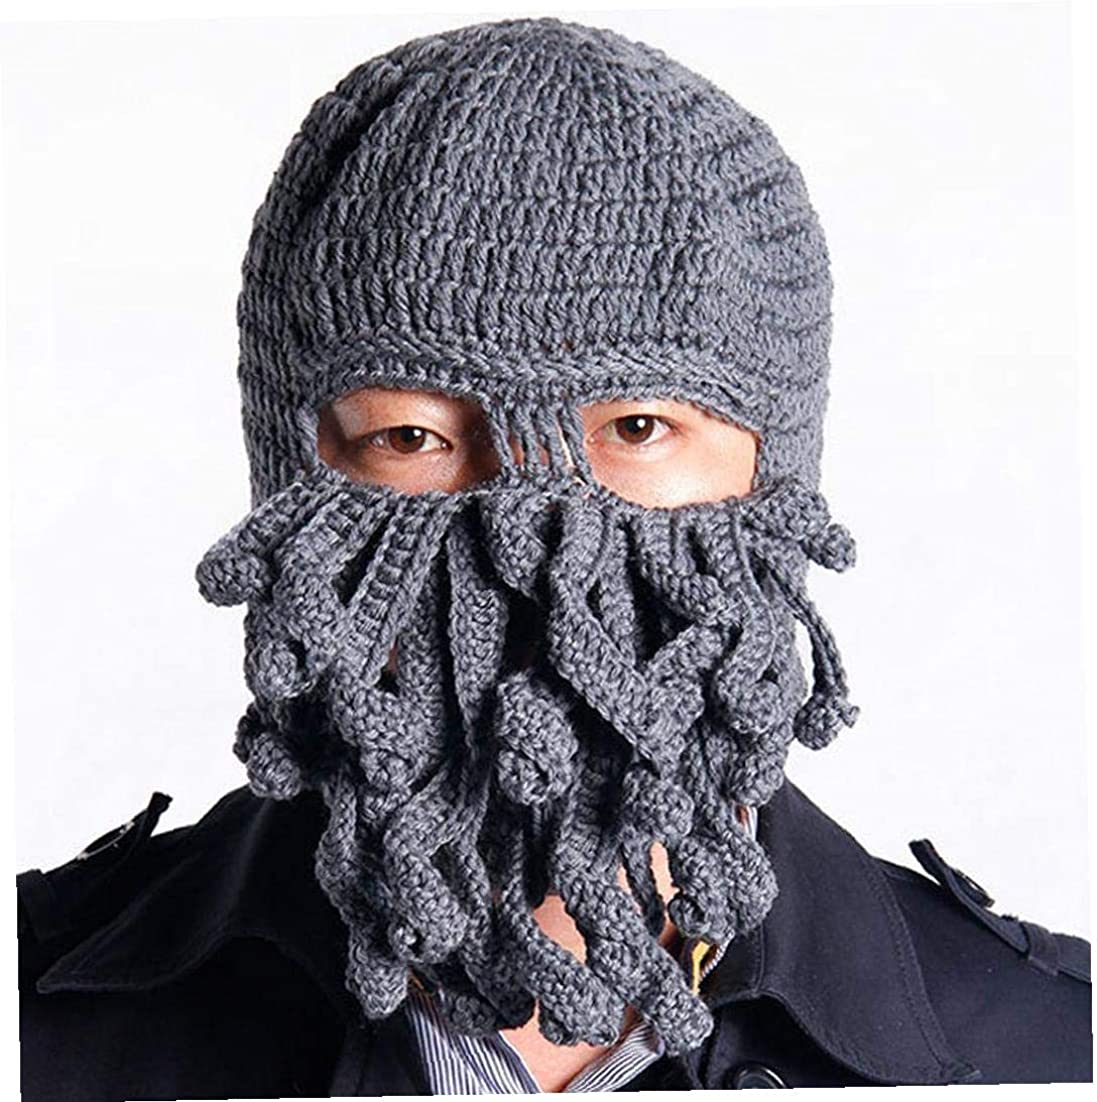 gr/ün Lustige Tentakel Octopus Hut Kopfbedeckung-kopf-verpackungs-ausschnitt Balaclava Knit Wind-schablonen-hut Wollm/ütze F/ür Motorrad-skelett